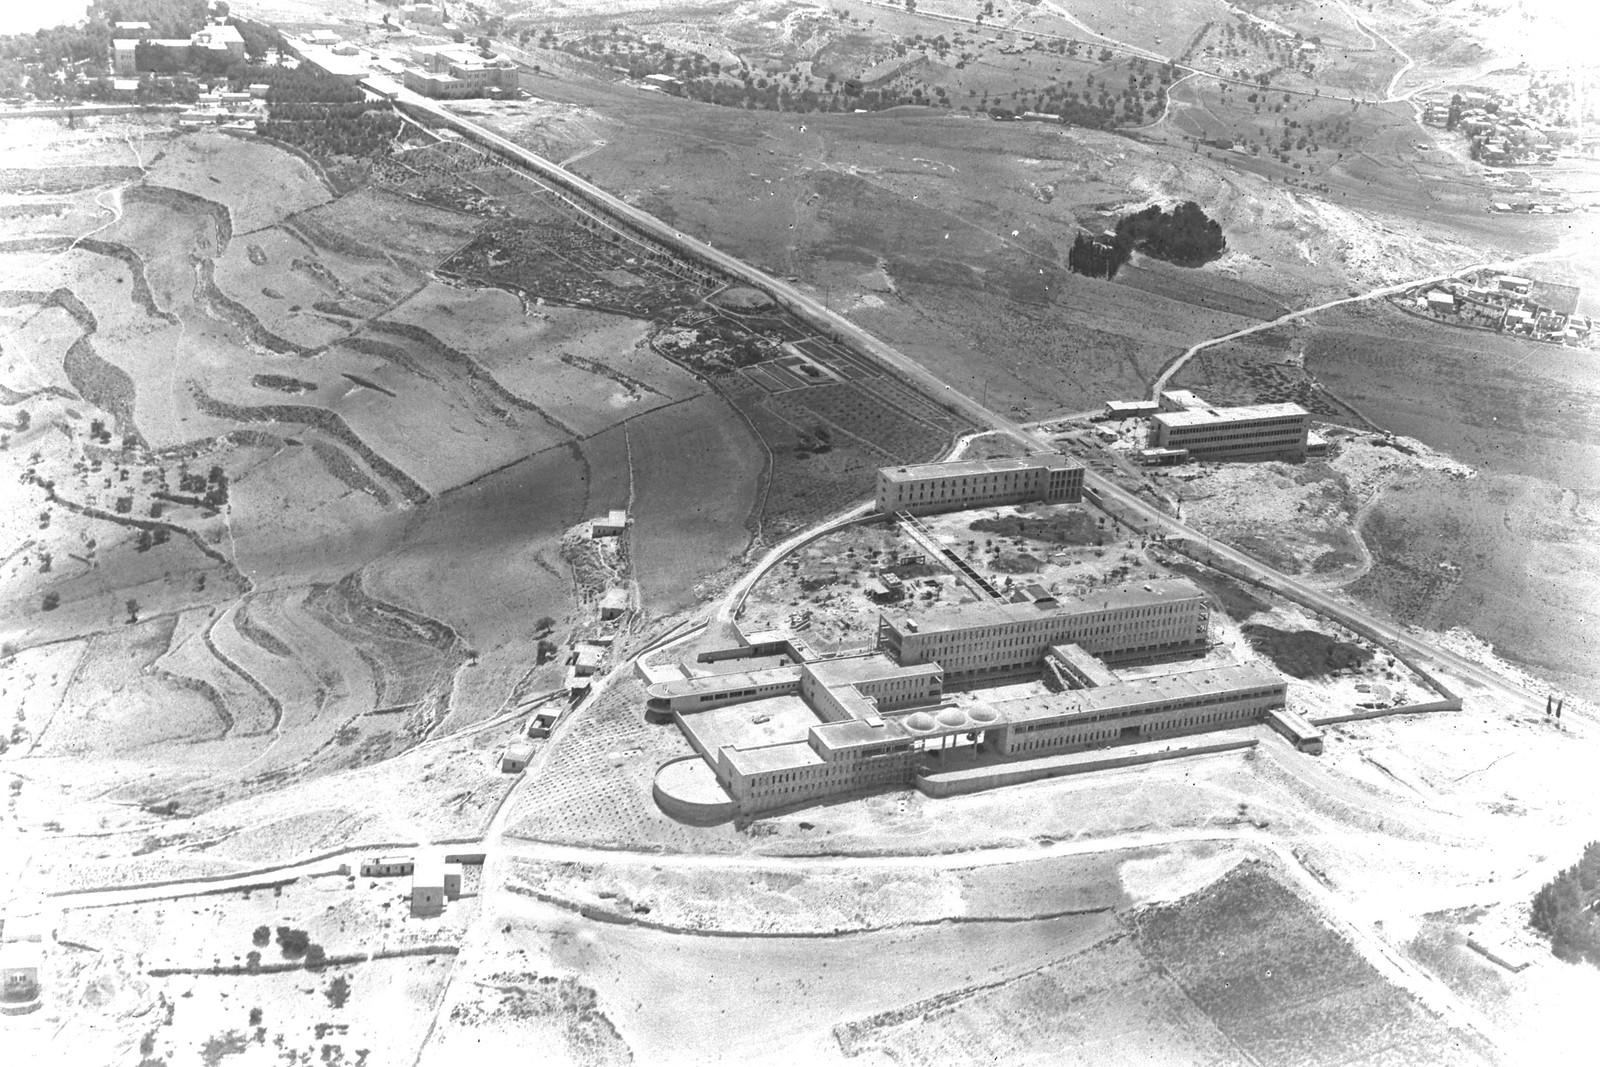 1939. Аэрофотоснимок медицинского центра Хадасса на горе Скопус, Иерусалим